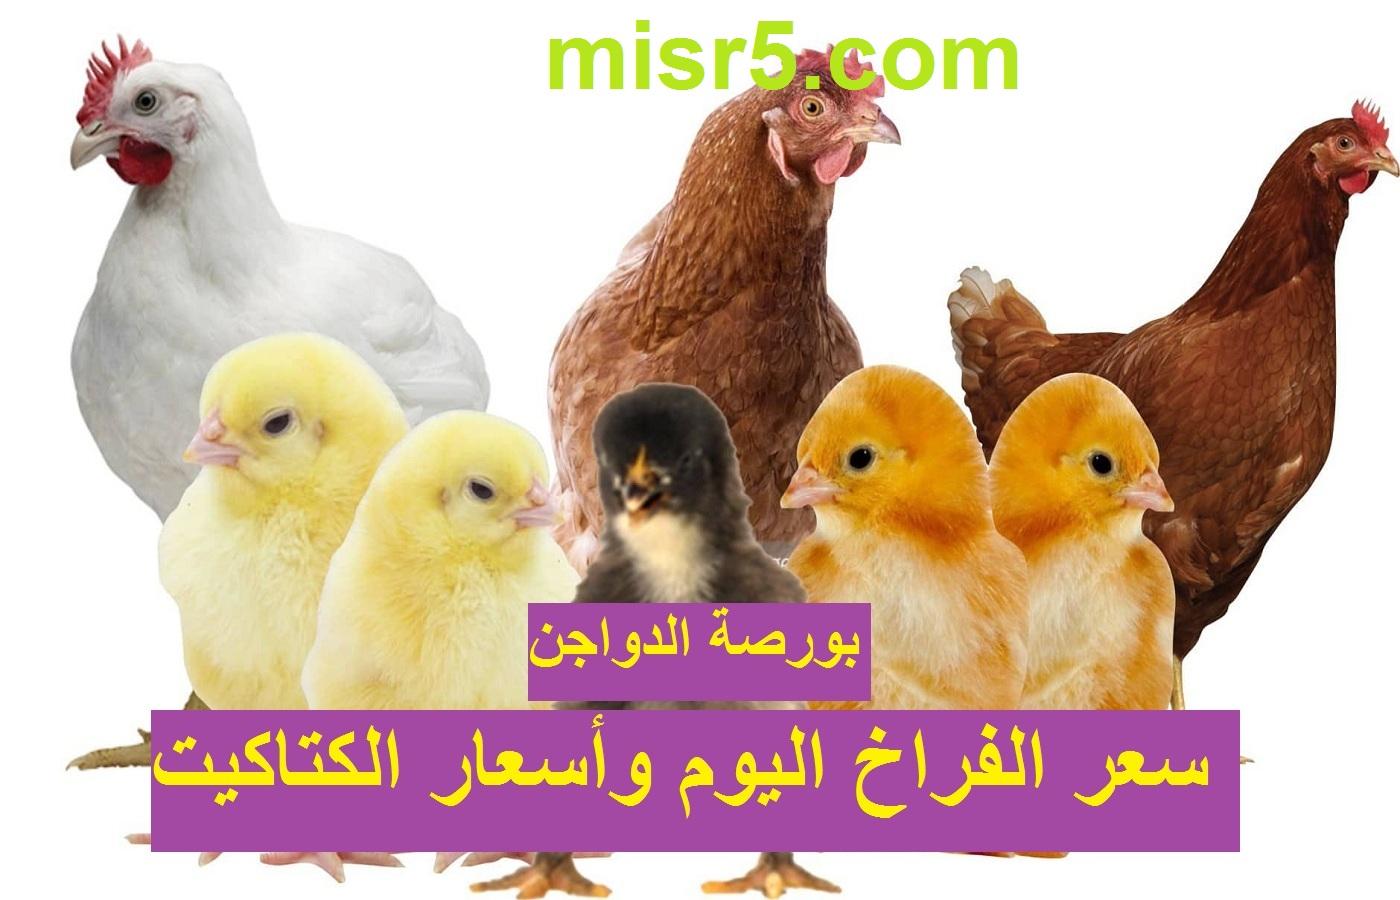 بـ 42 جنيه انهارده.. سعر الفراخ اليوم الجمعة 9 يوليو بيضاء وساسو وأسعار البيض والكتاكيت